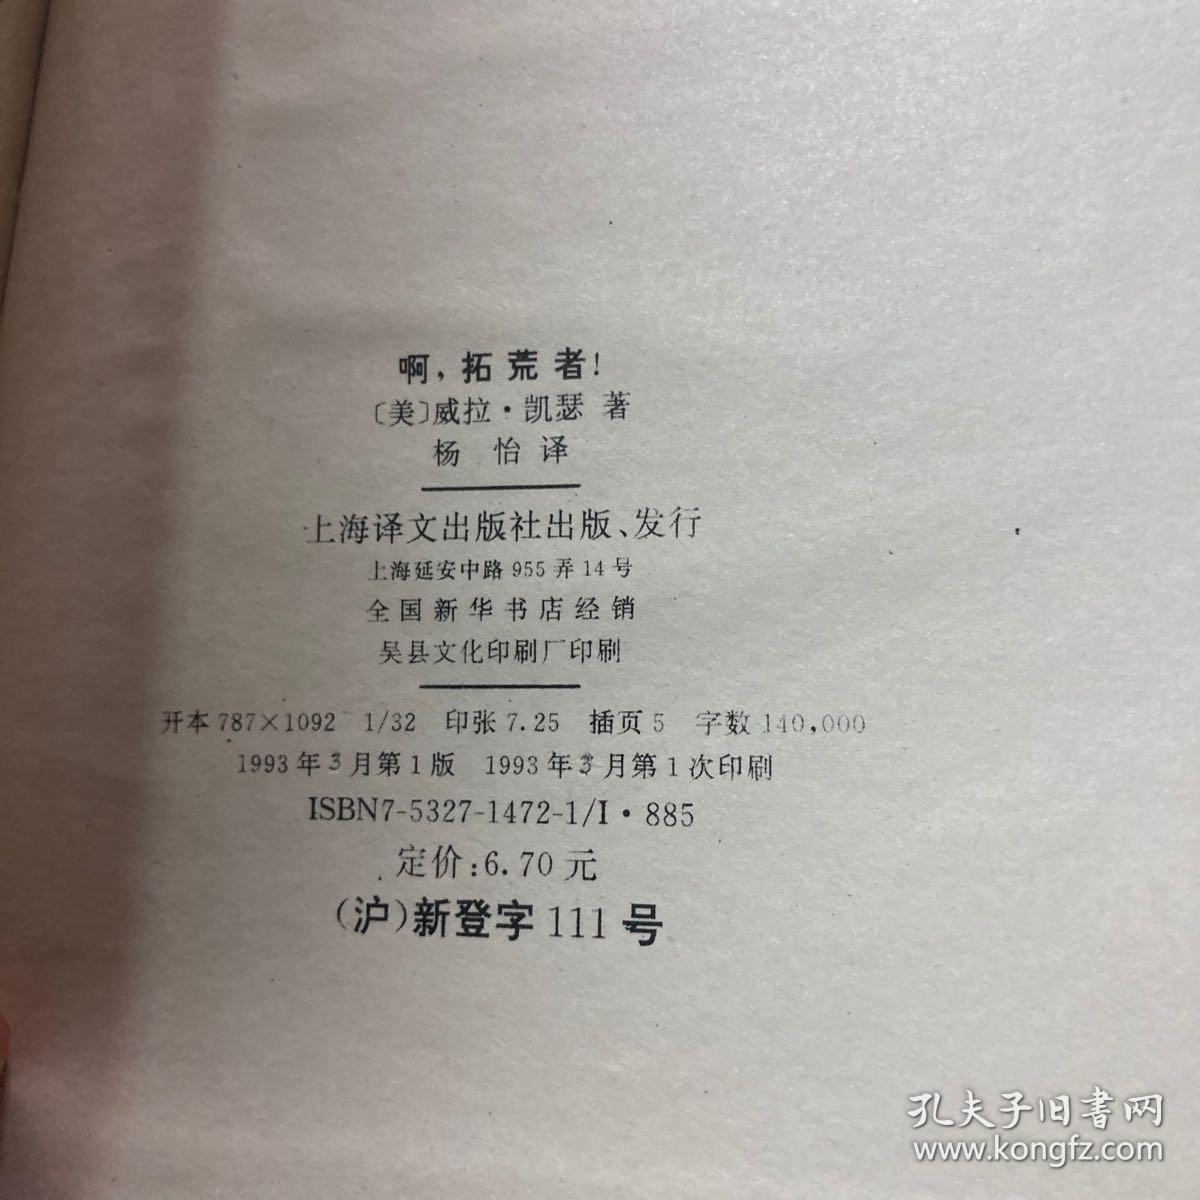 小说封面底图素材图片